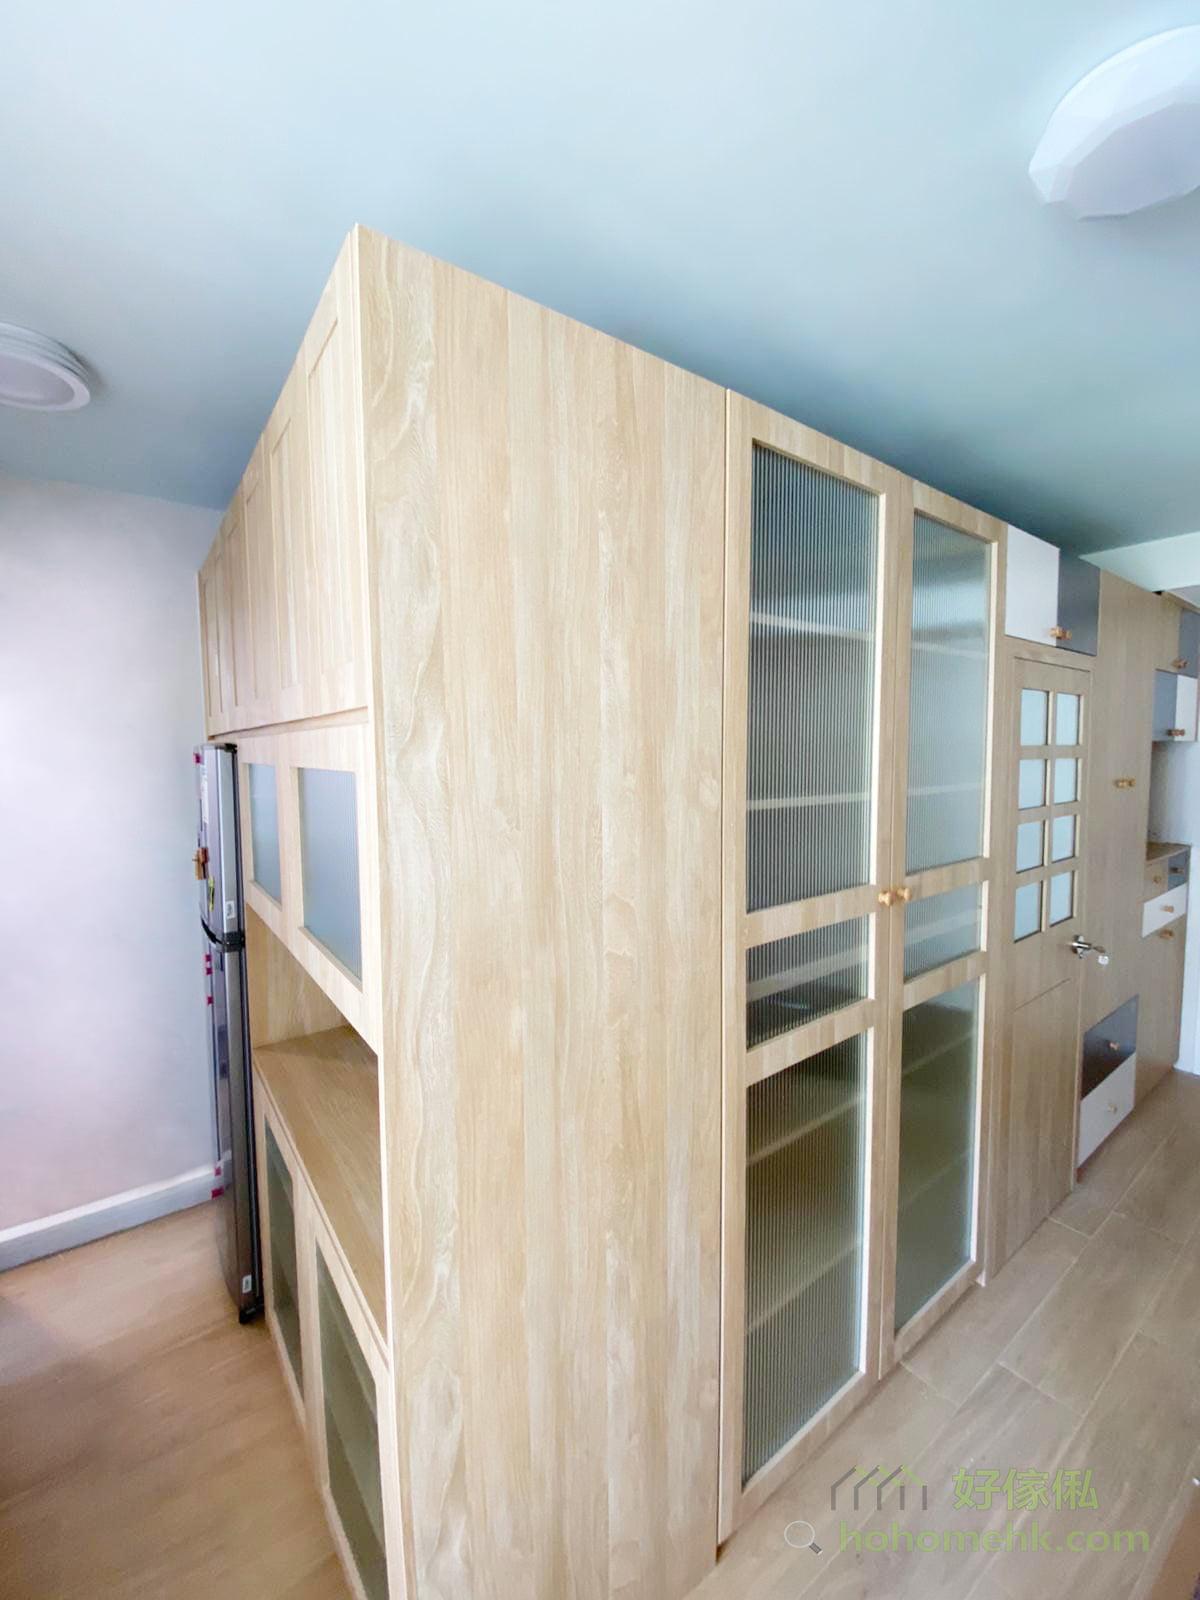 設計時將間房房門與櫃面拉平,將門框完全融入櫃體,加上同系列的板材和玻璃設計,令間房頓時變隱形!